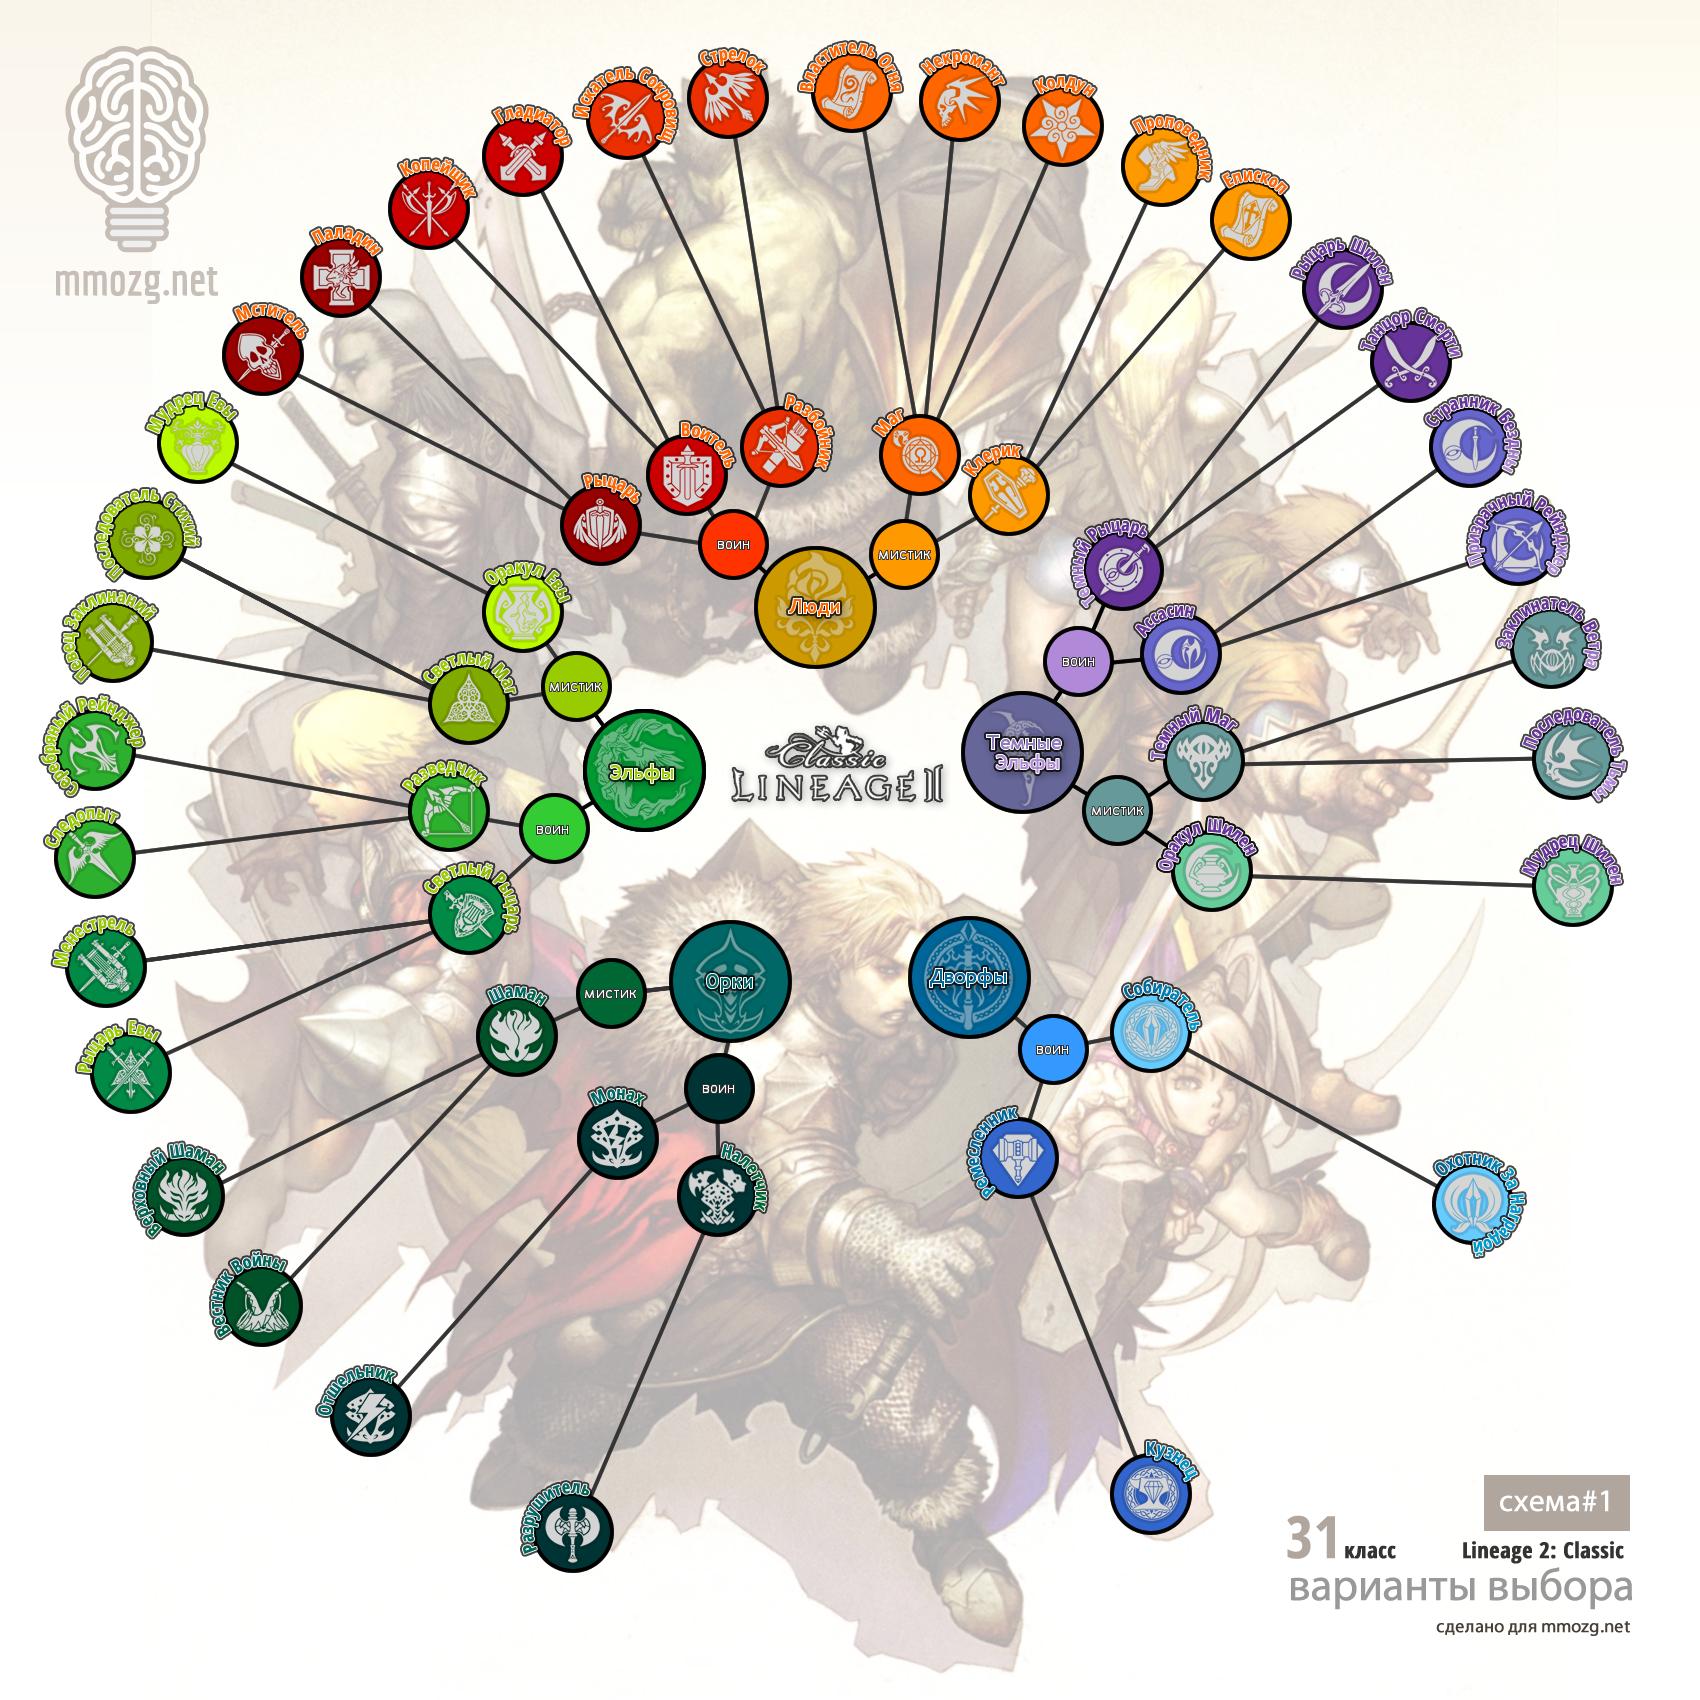 Lineage II: Трудный выбор: игра в классики